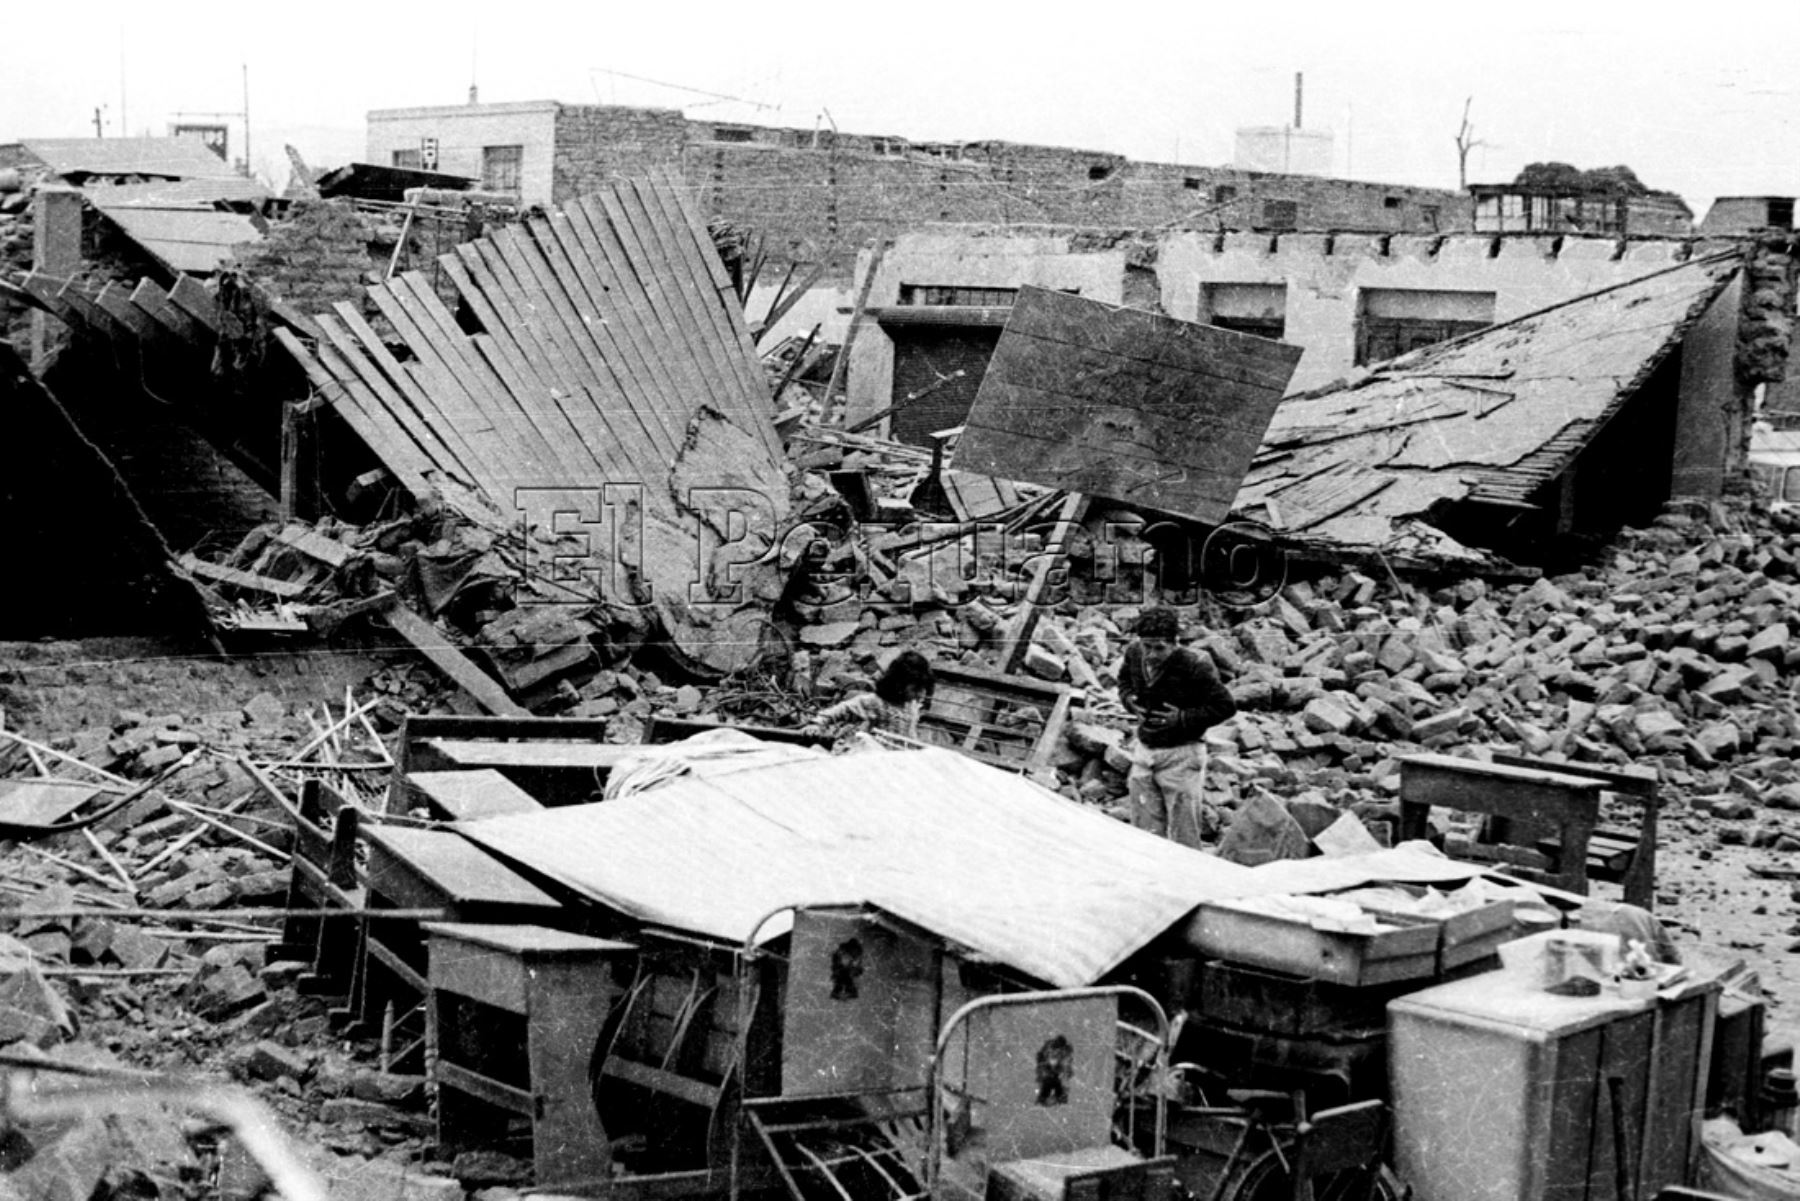 Ancash 01 jun 1970 / Terremoto de Yungay. Damnificados en medio de viviendas en escombros. Foto: ANDINA/ARCHIVO